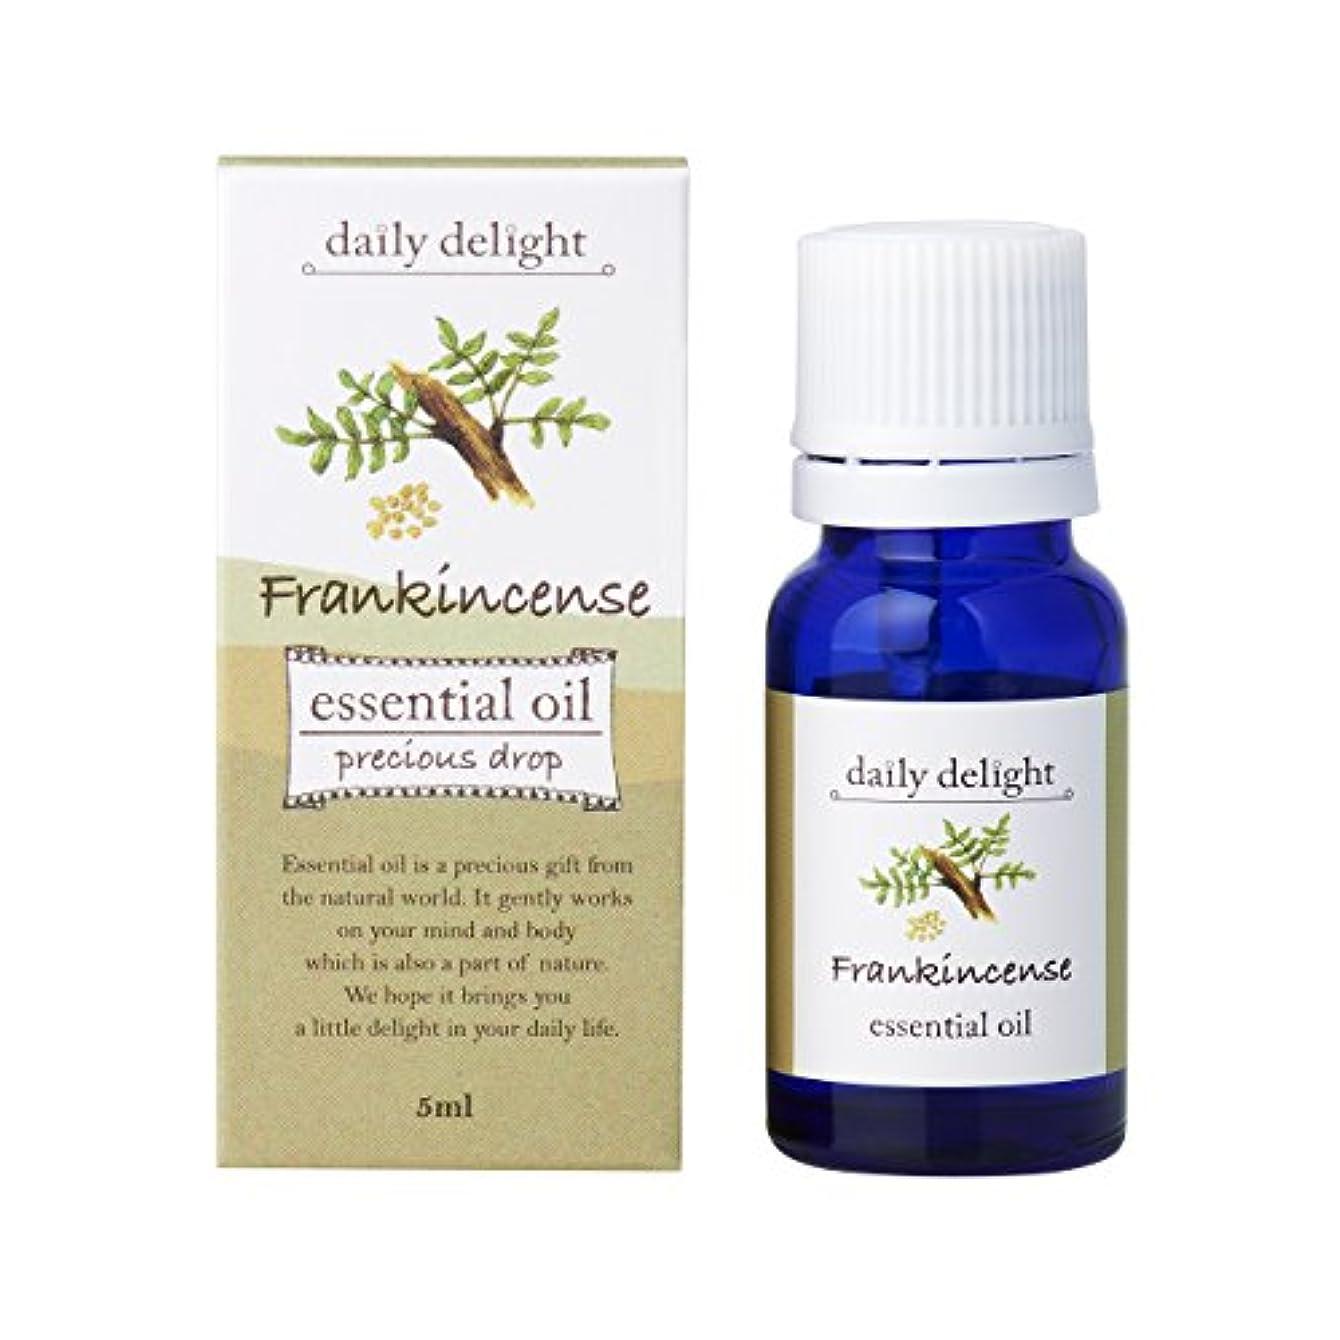 ブッシュギャング取り除くデイリーディライト エッセンシャルオイル フランキンセンス 5ml(天然100% 精油 アロマ 樹脂系 樹脂から採れるさわやかな木の香り)